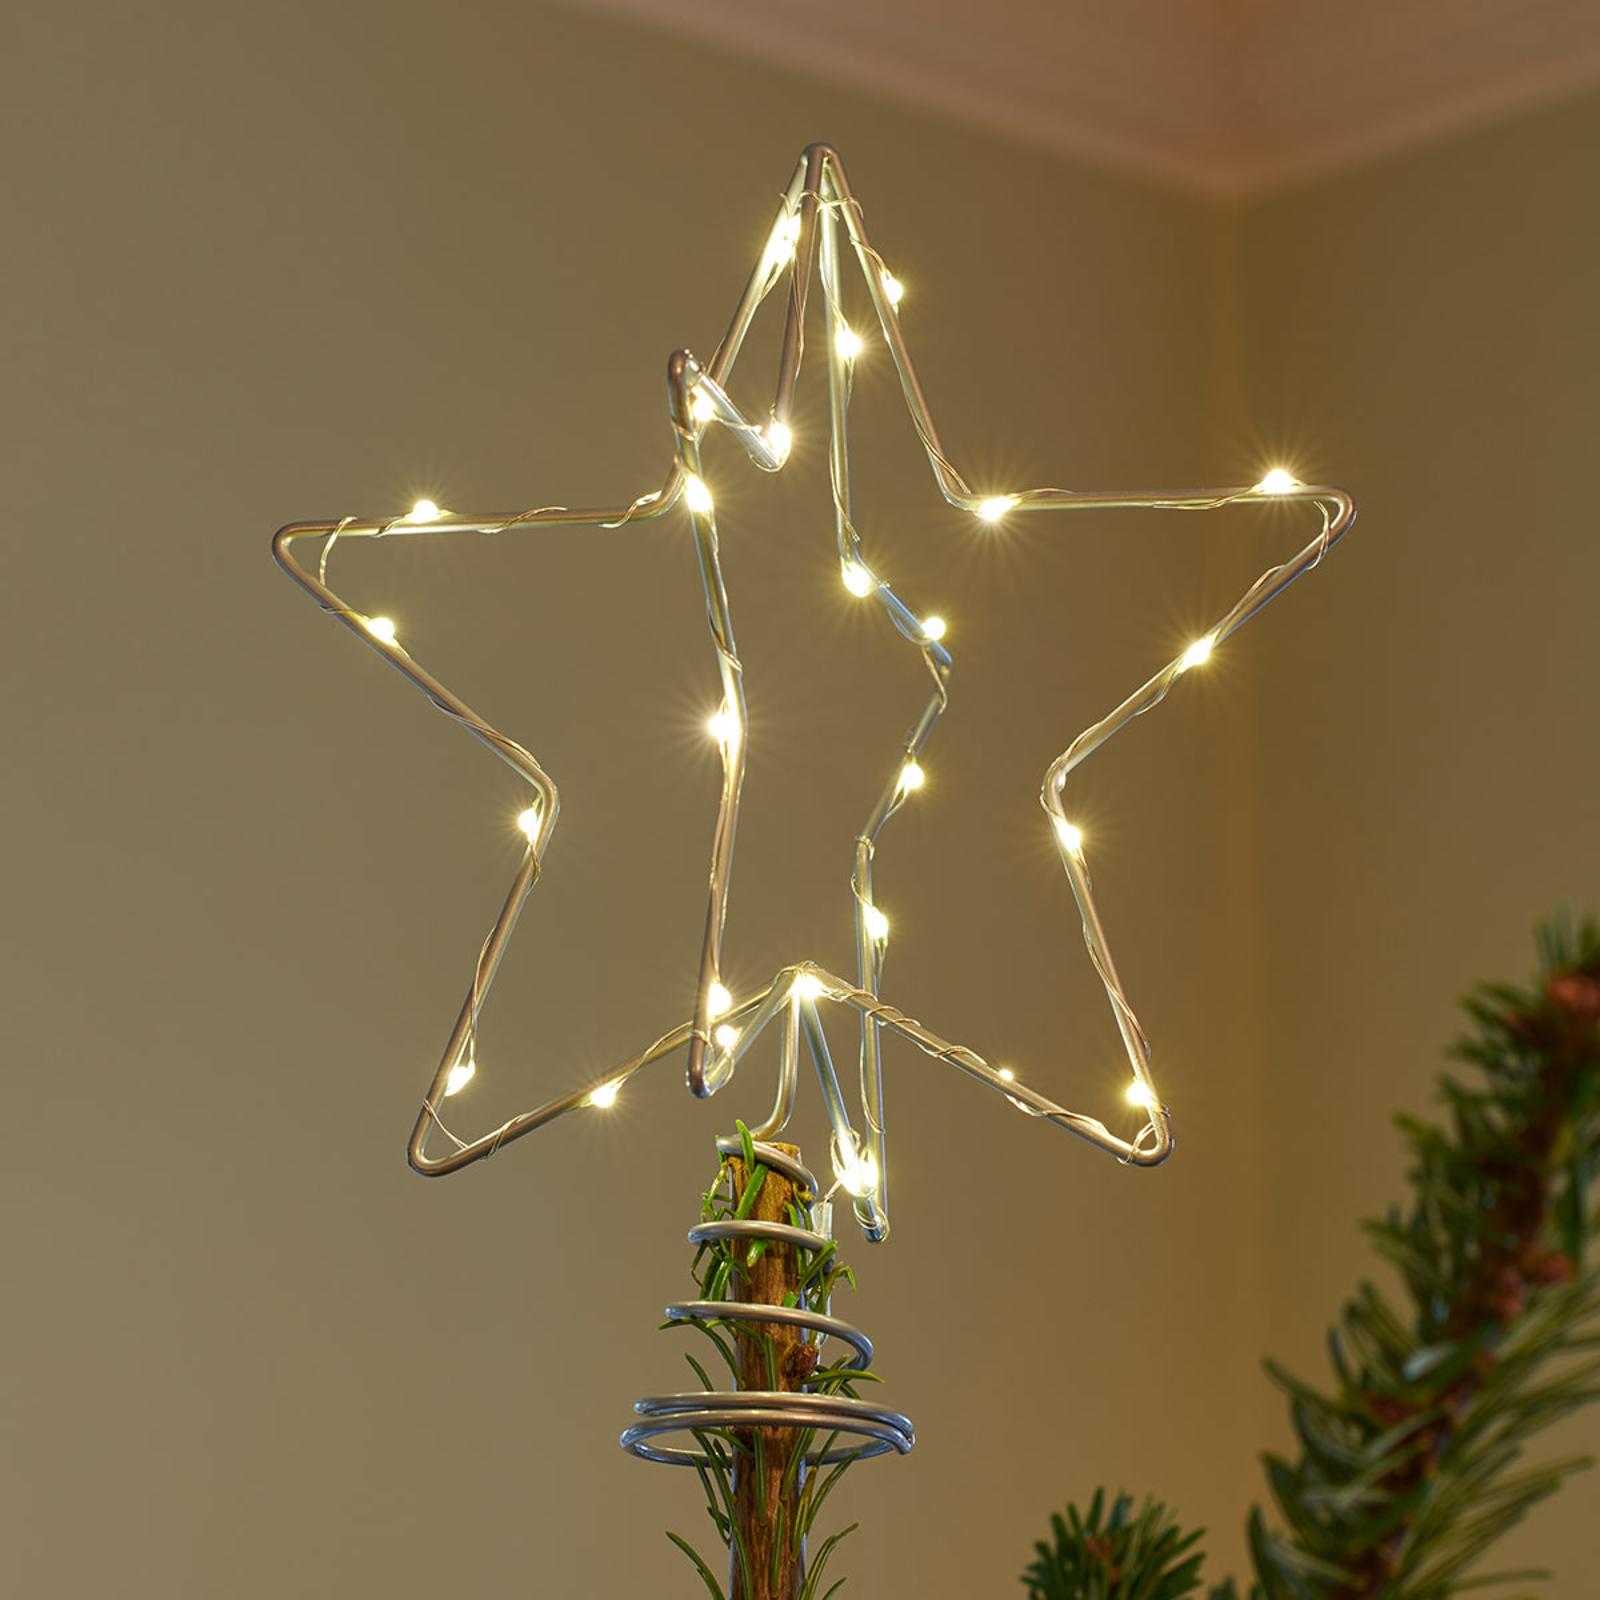 LED dekorativní světlo Vánoce Top, stříbrný